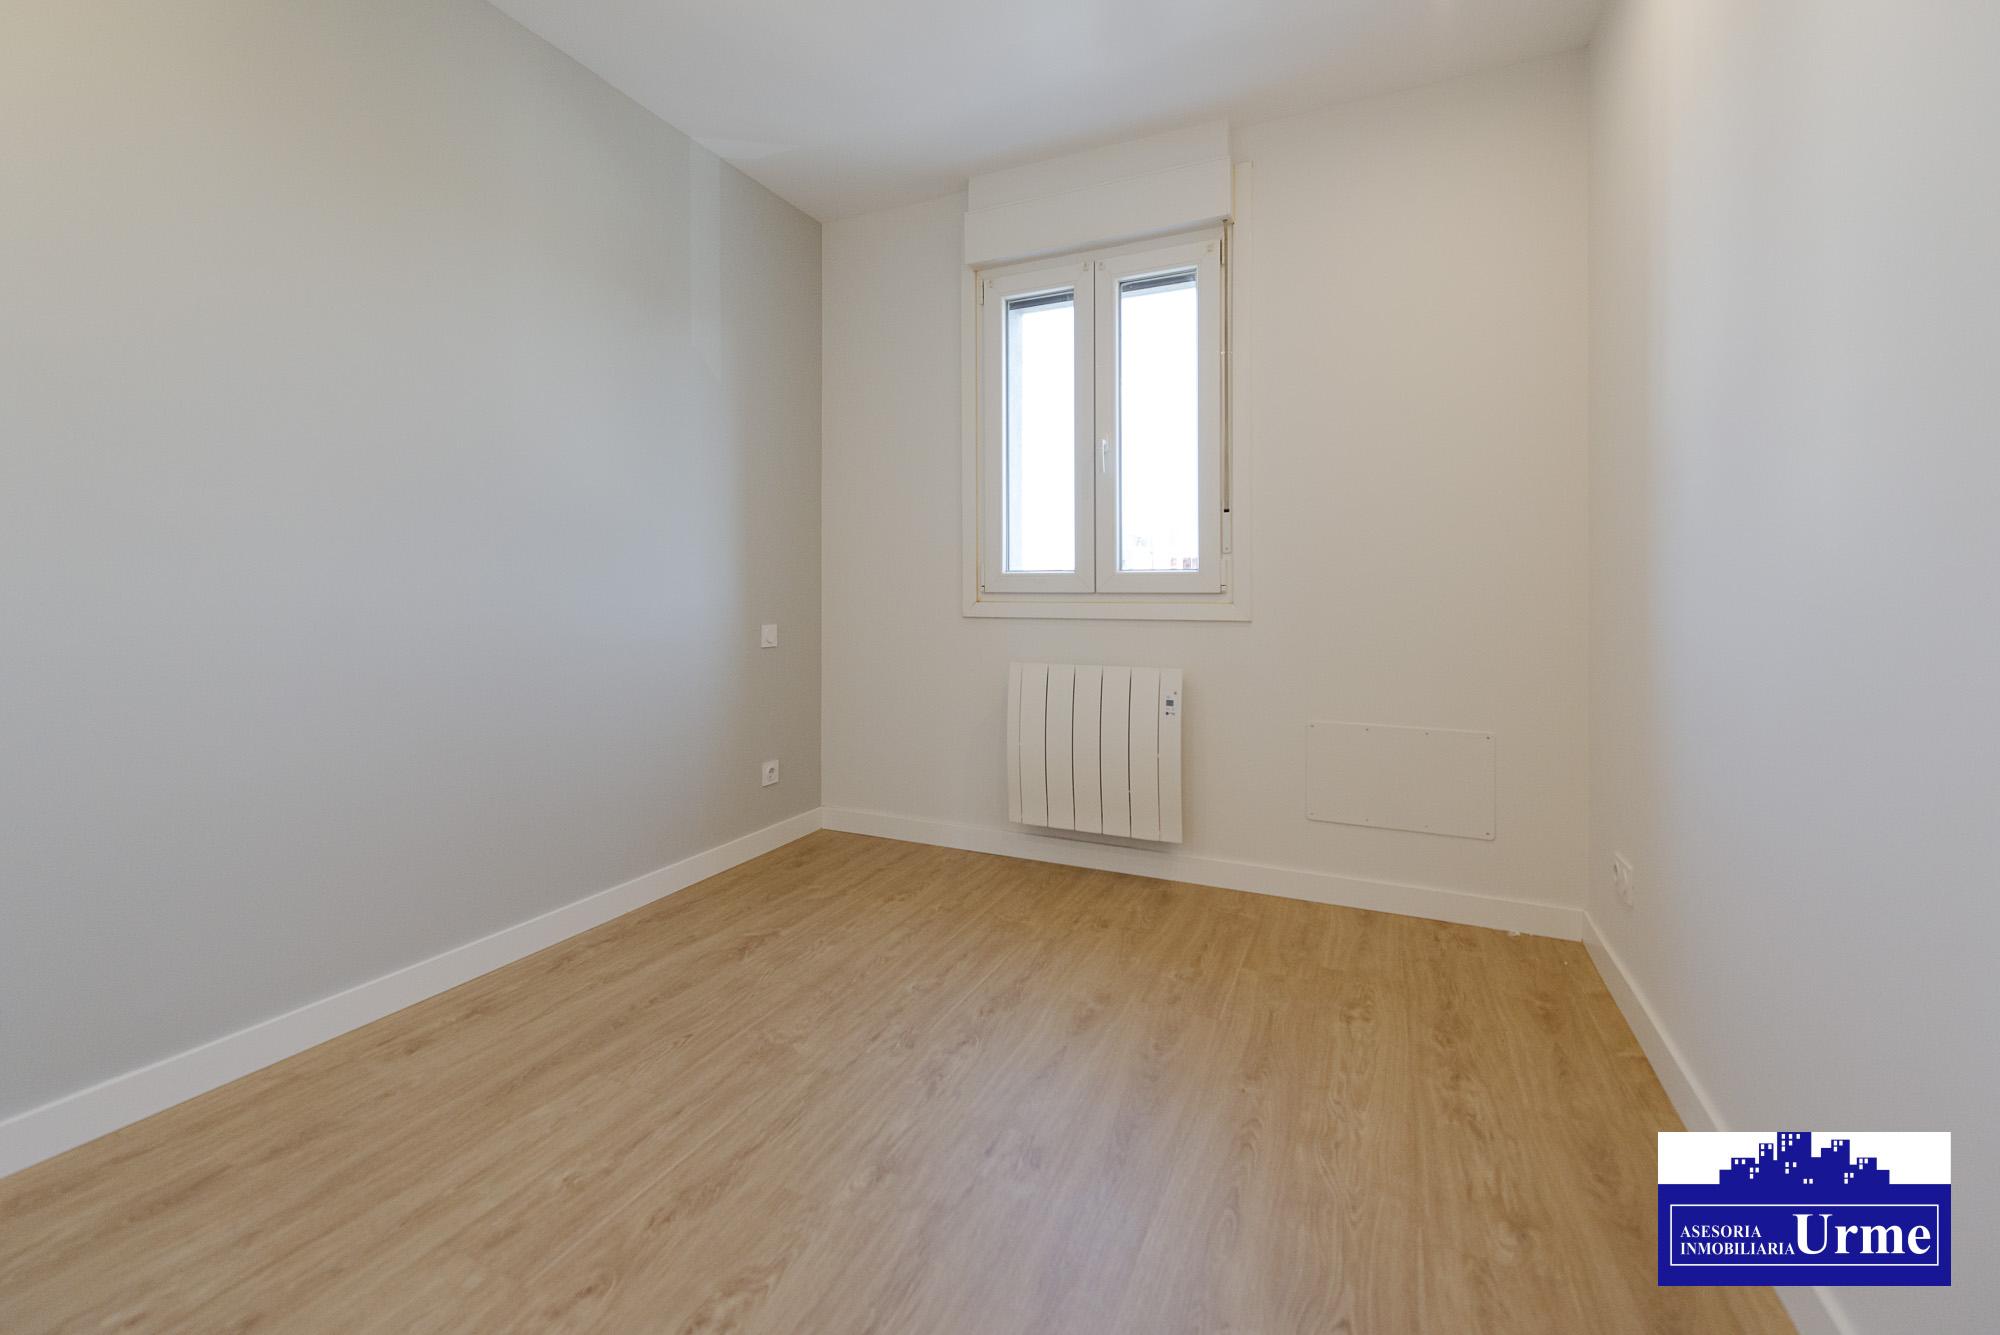 En Lapice, a estrenar tras reforma integral!!muy bonito.2 habitaciones, salon,cocina abierta y baño.Te gustara!!